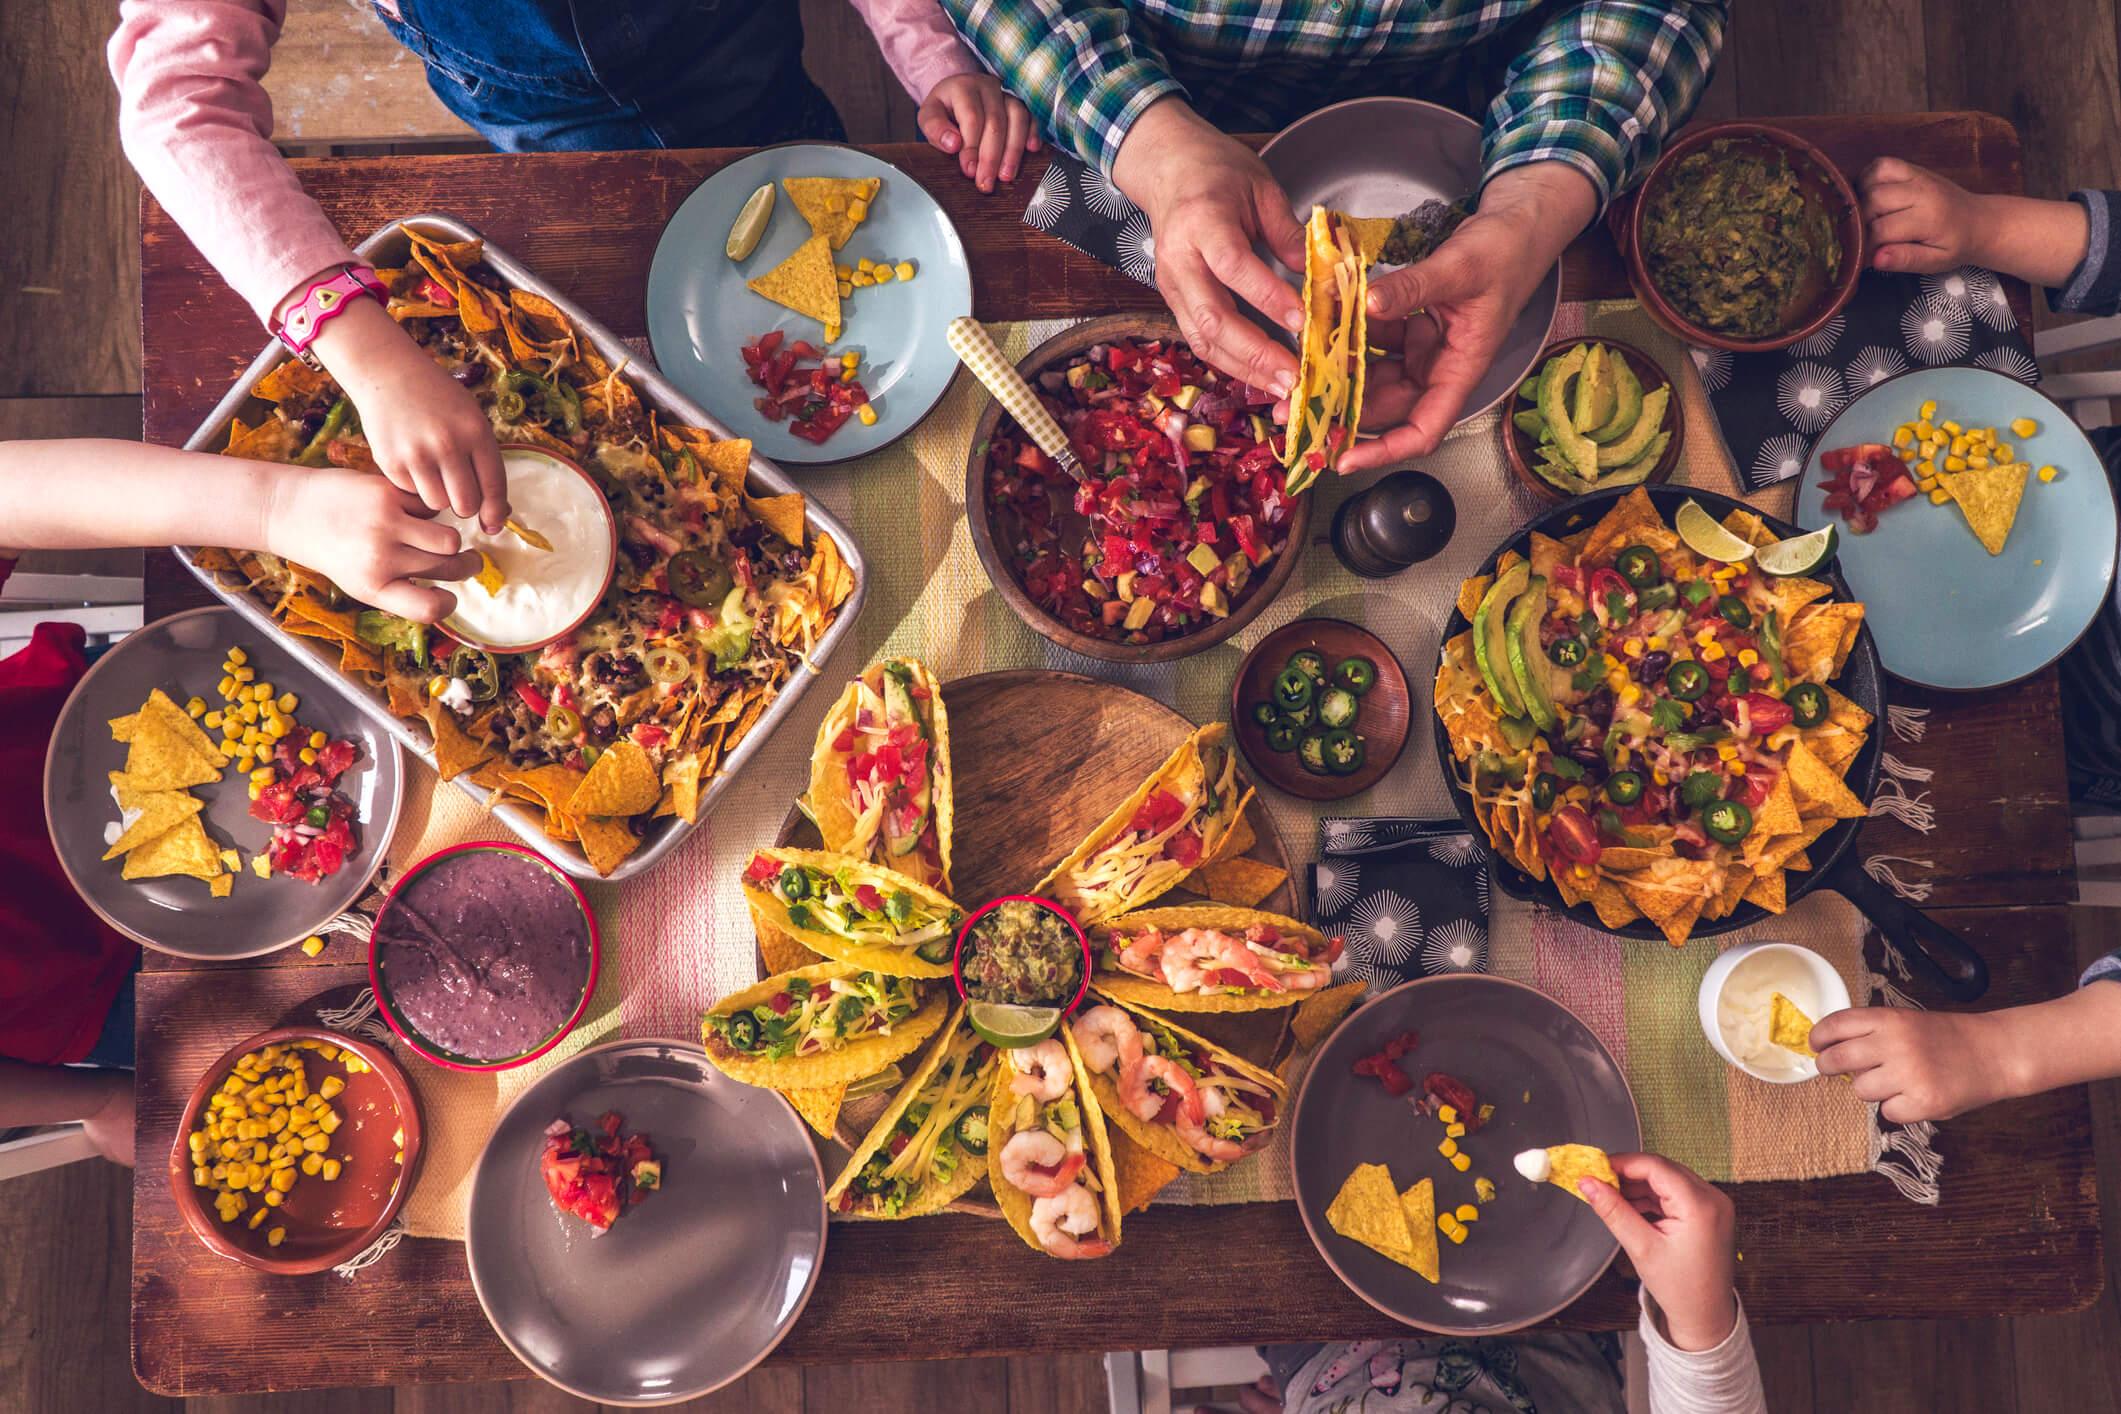 Conhece o restaurante Guacamole? Pegue o seu cupom e conheça o melhor da comida mexicana